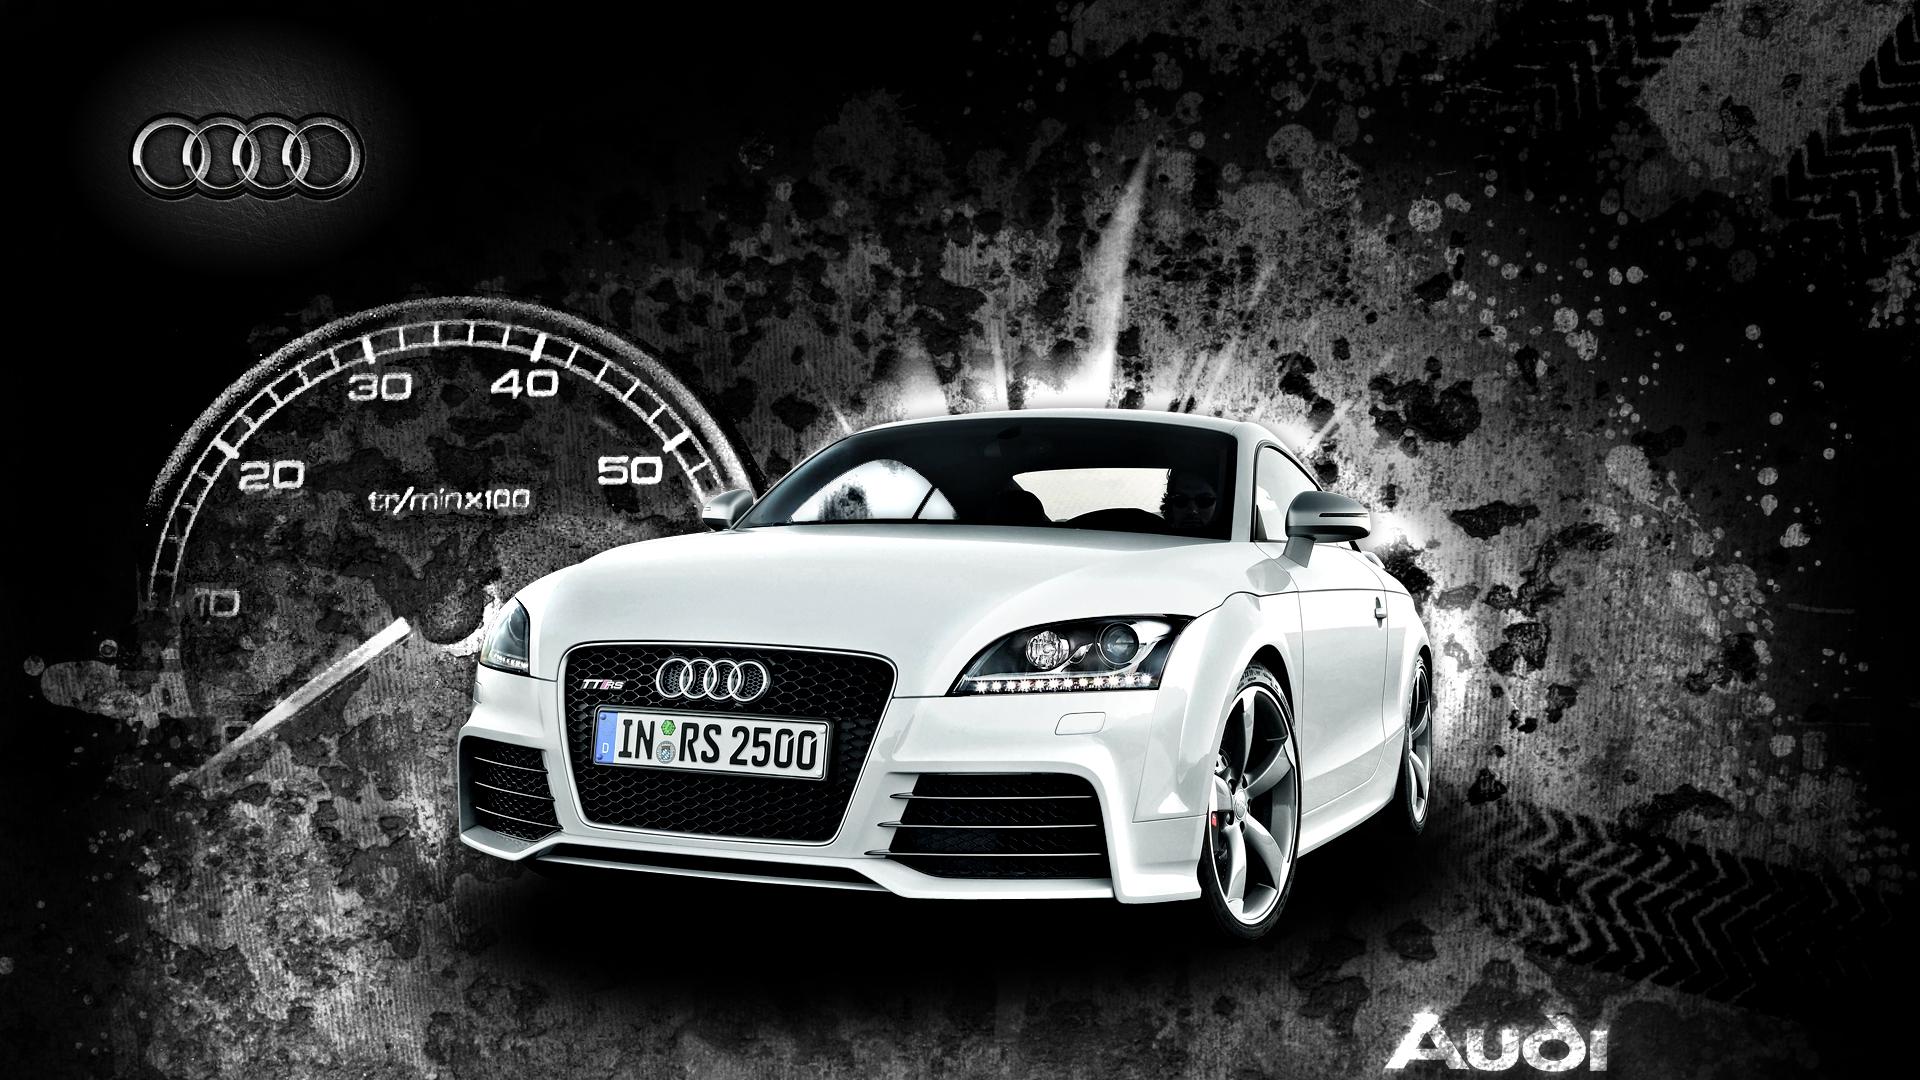 Audi TT RS by oxyde68 1920x1080